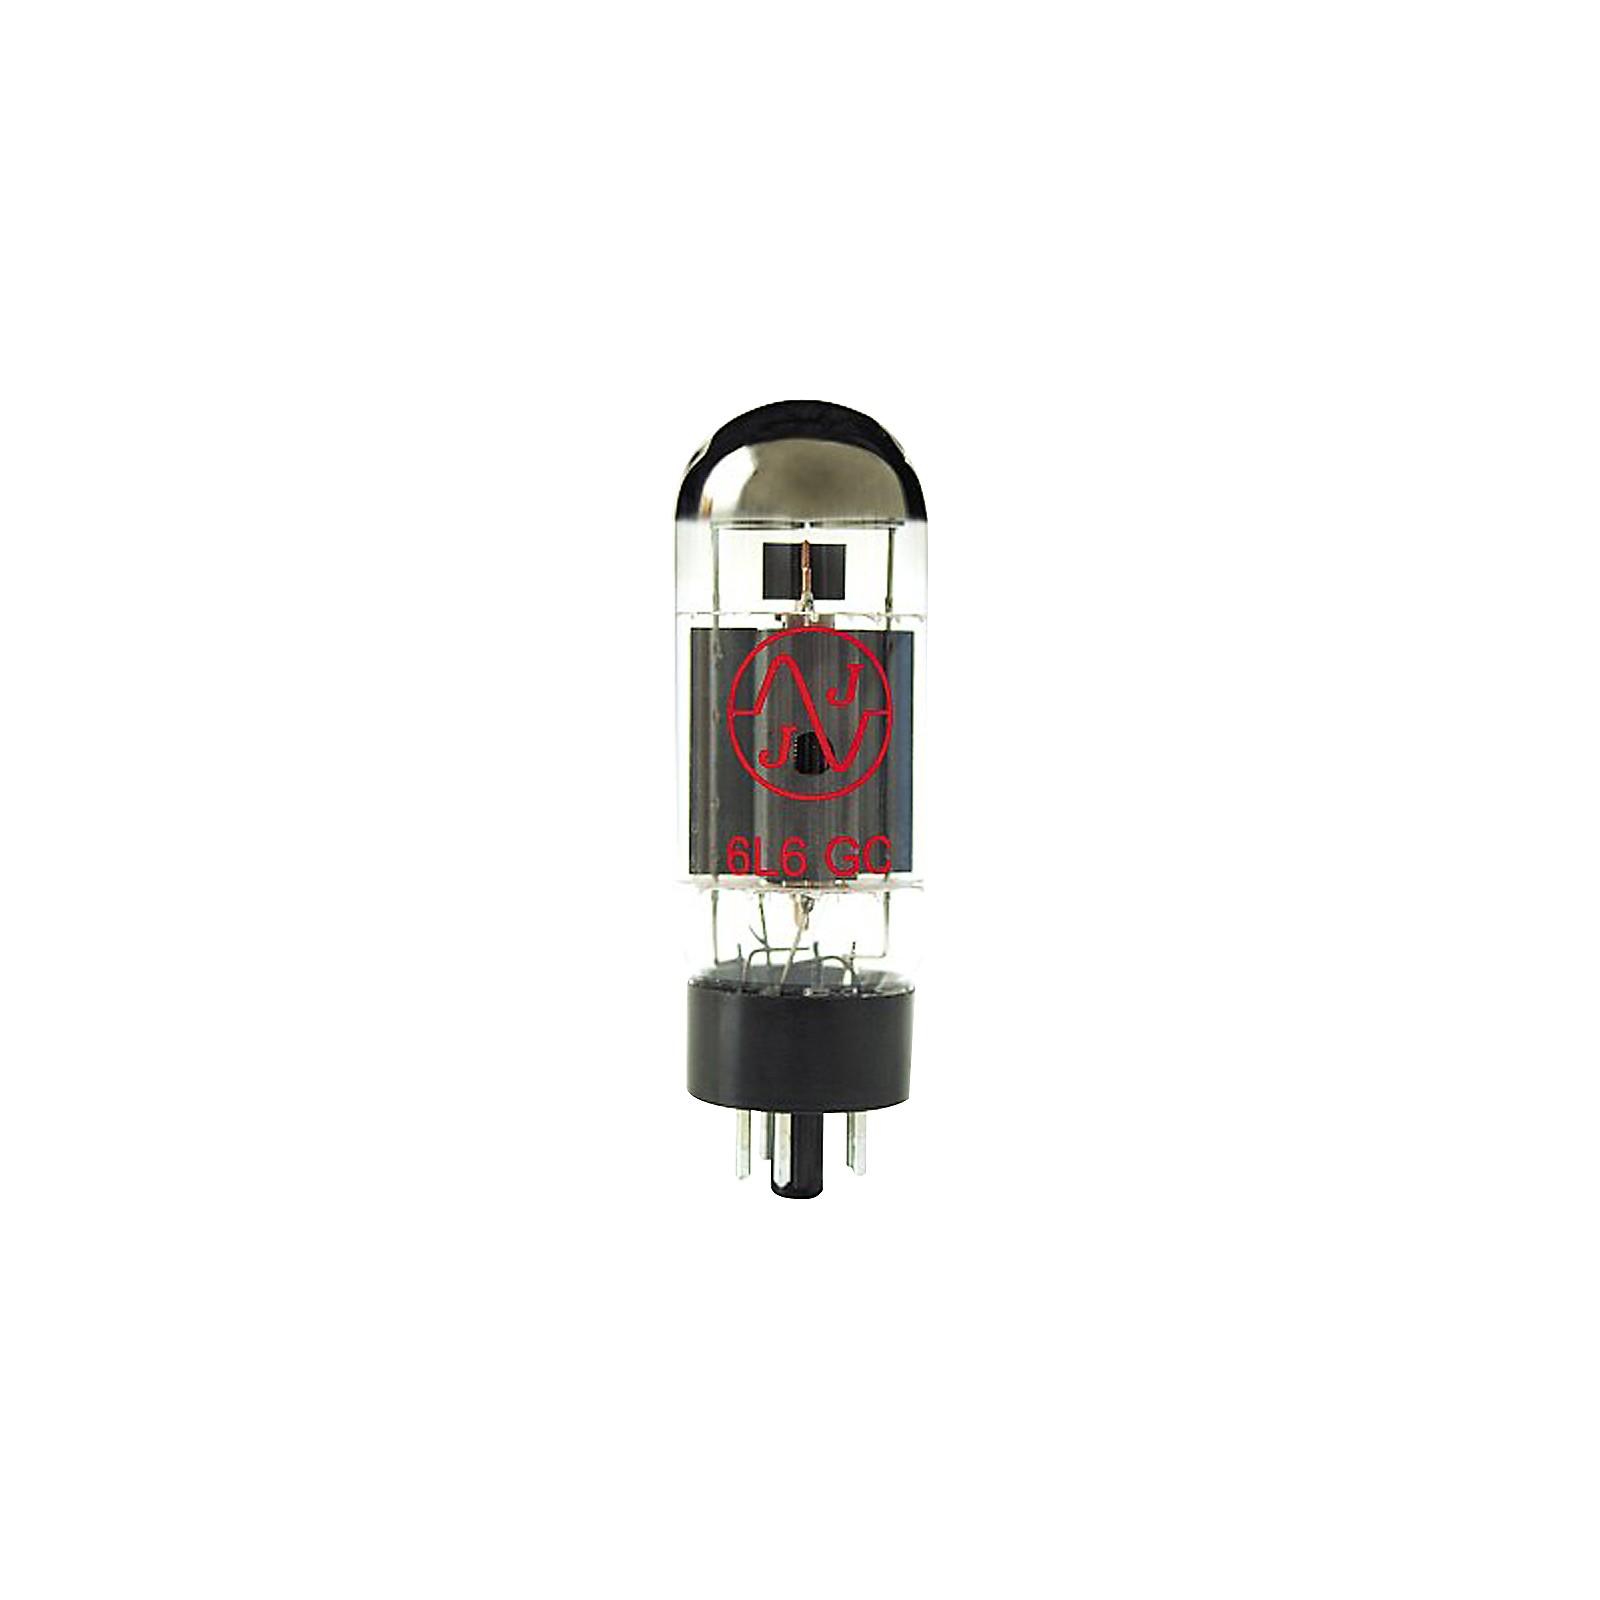 JJ Electronics 6L6GC Power Vacuum Tube